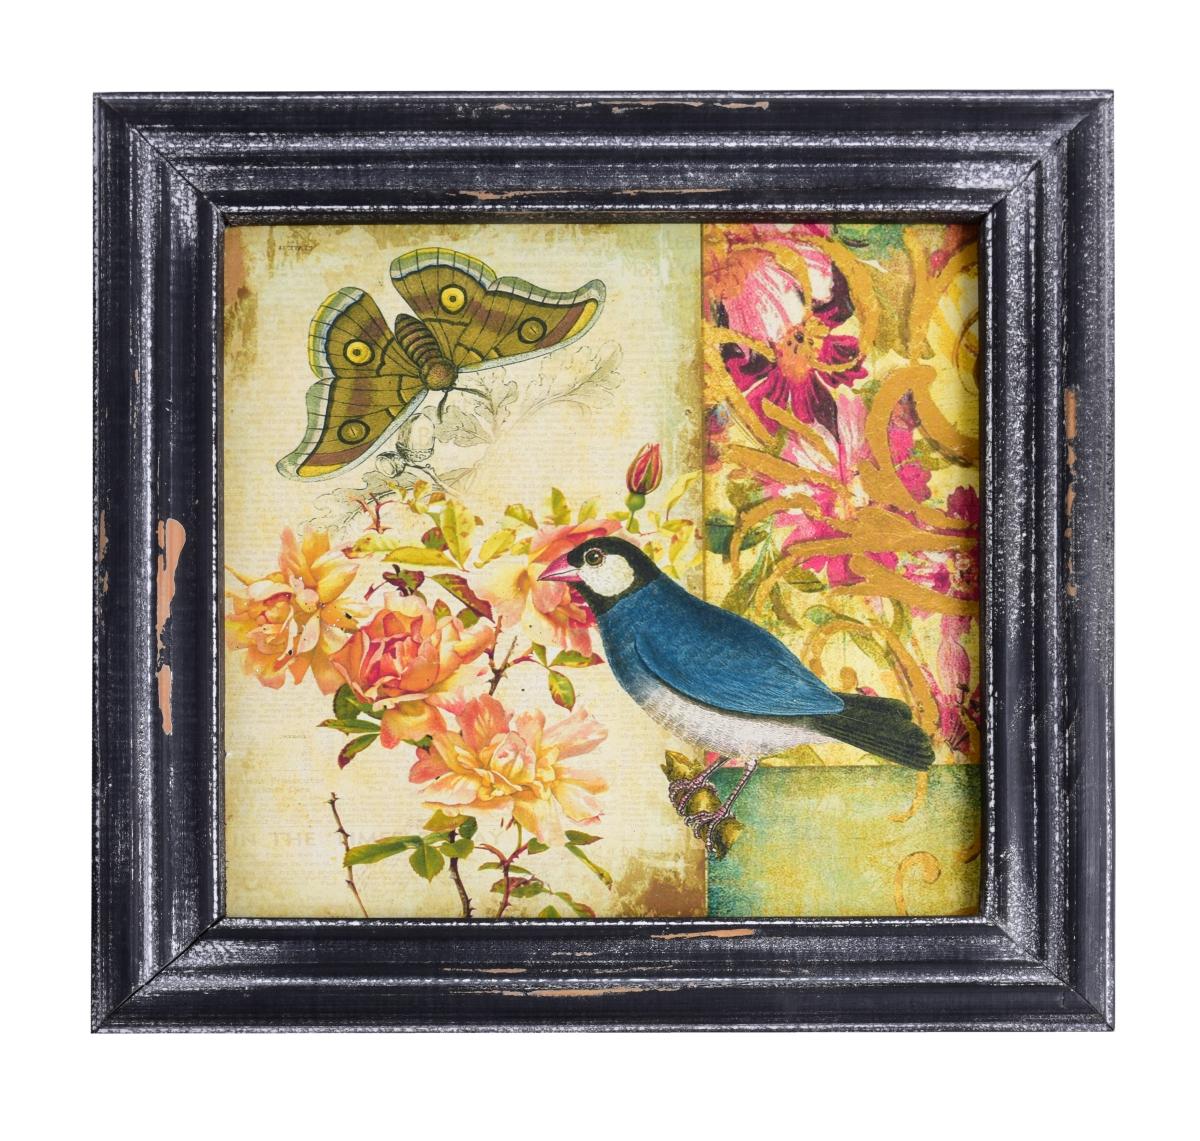 Dřevěný obraz  s dobovou patinou modrý ptáček